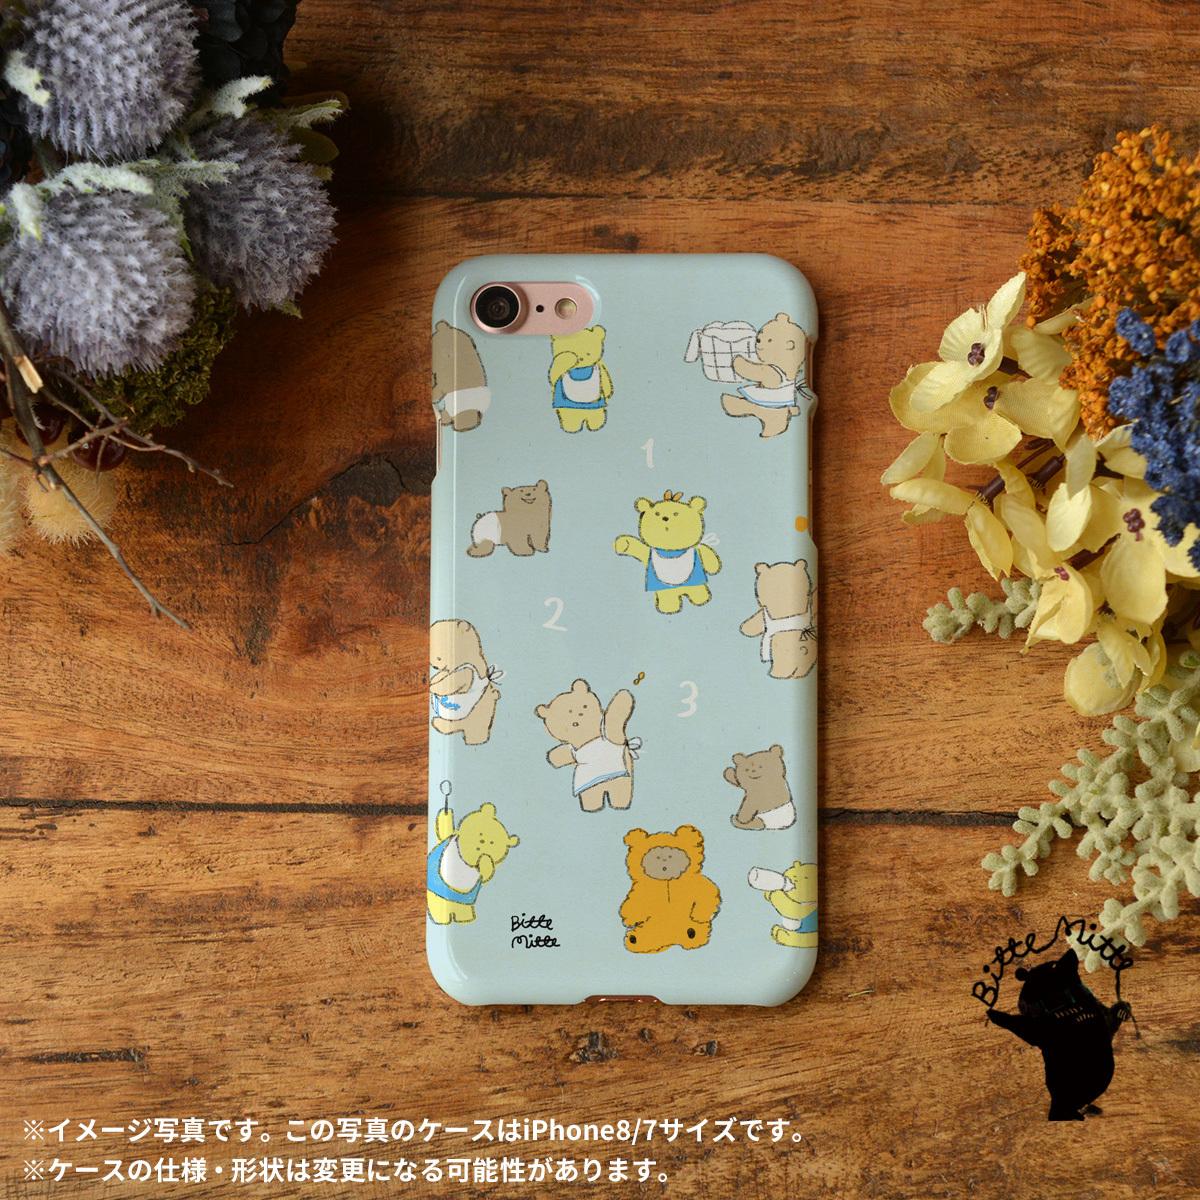 iphone8 ハードケース おしゃれ iphone8 ハードケース シンプル iphone7 ケース かわいい ハード くま 知育 出産祝い クマの赤ちゃんたち/Bitte Mitte!